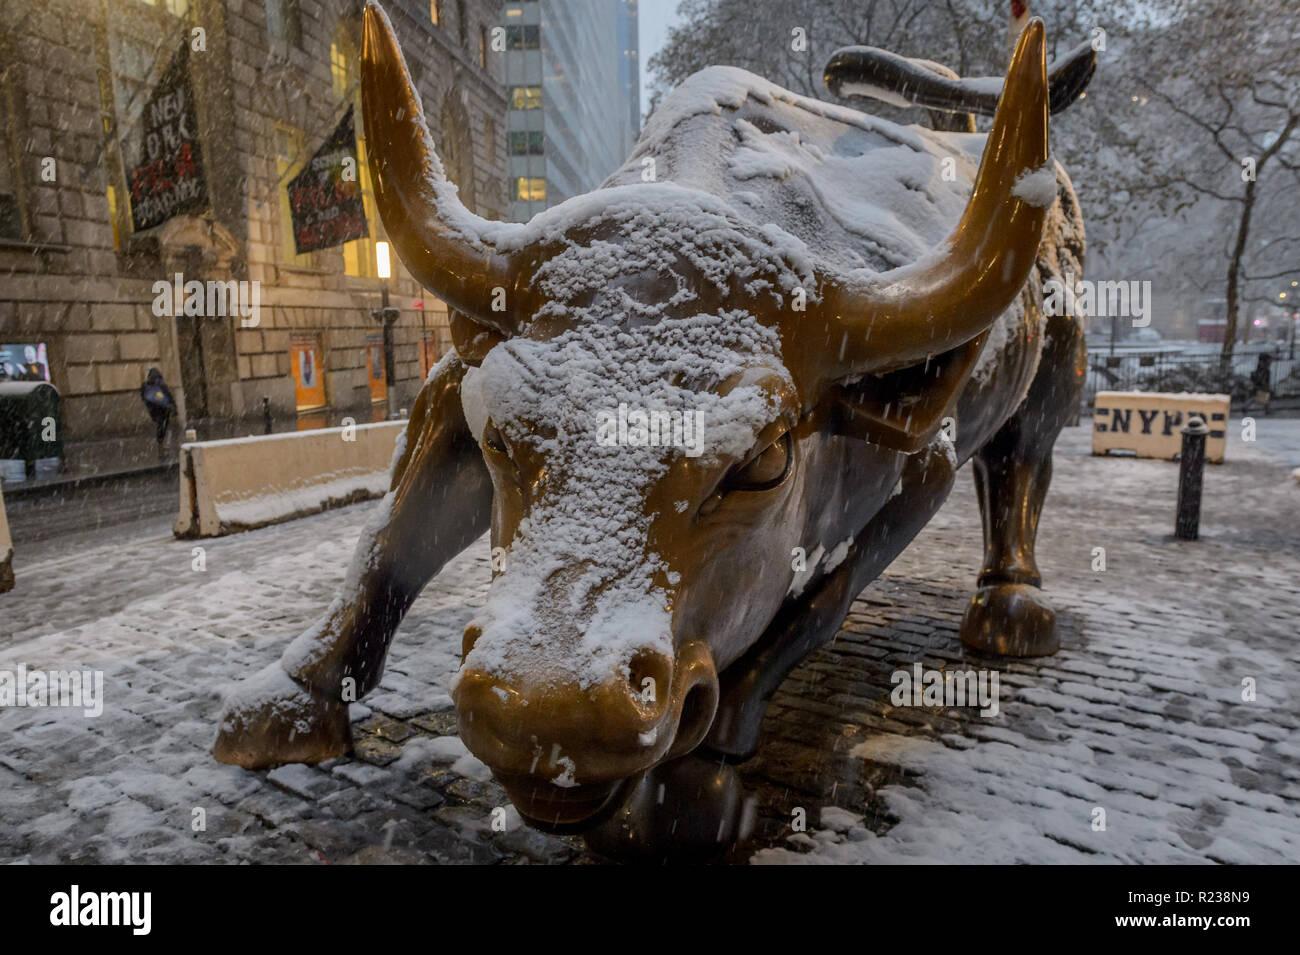 Wall Street Bull Snow Immagini   Wall Street Bull Snow Fotos Stock ... d1965cff6c02